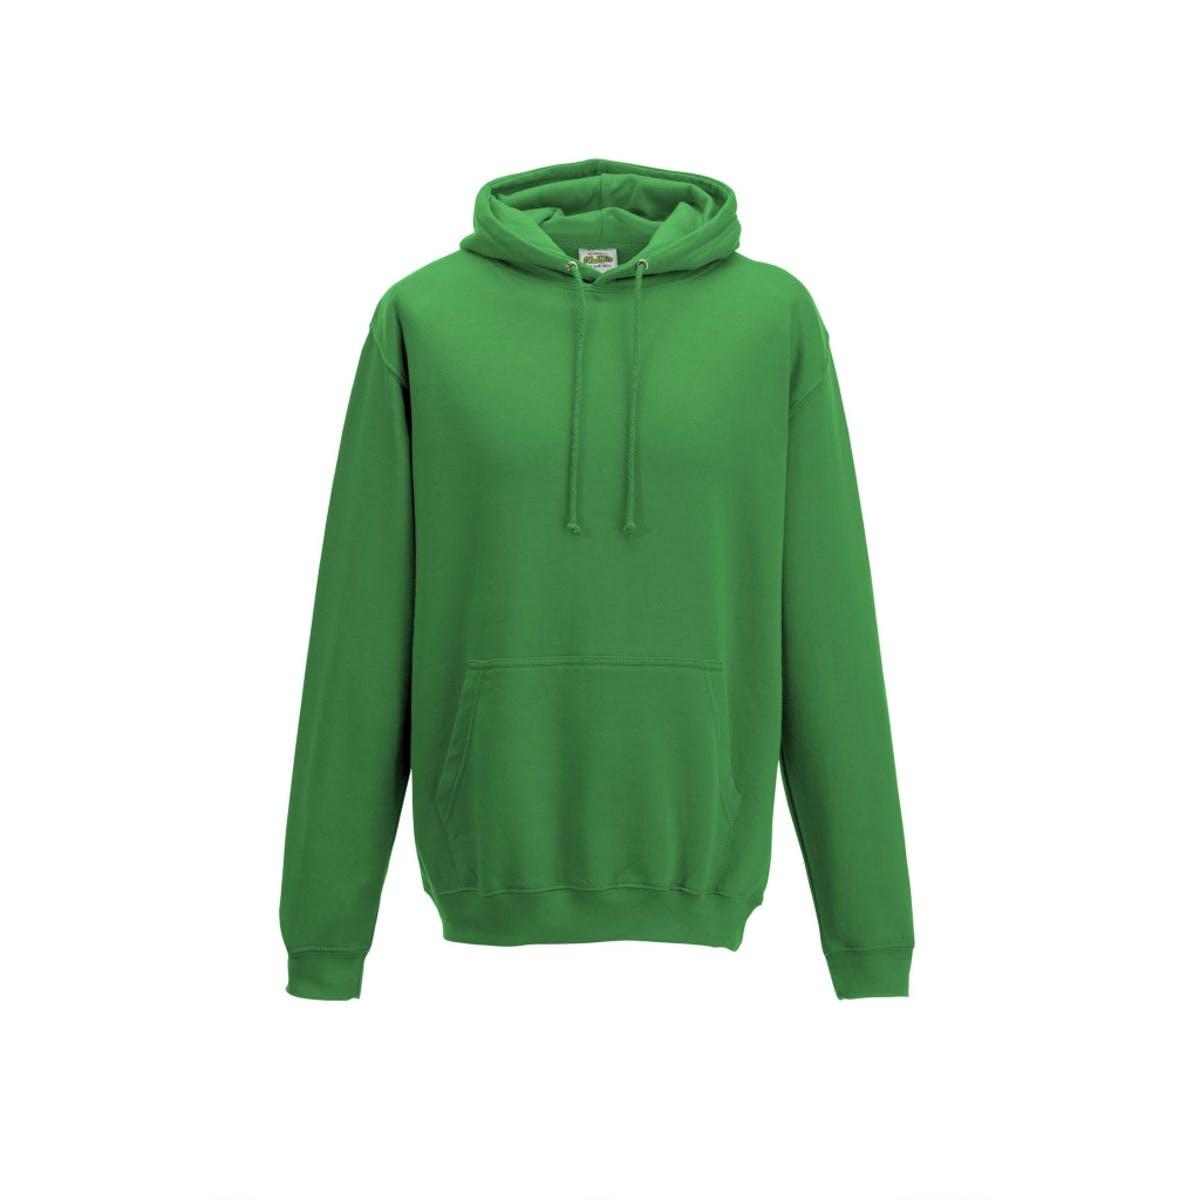 kelly green college hoodies